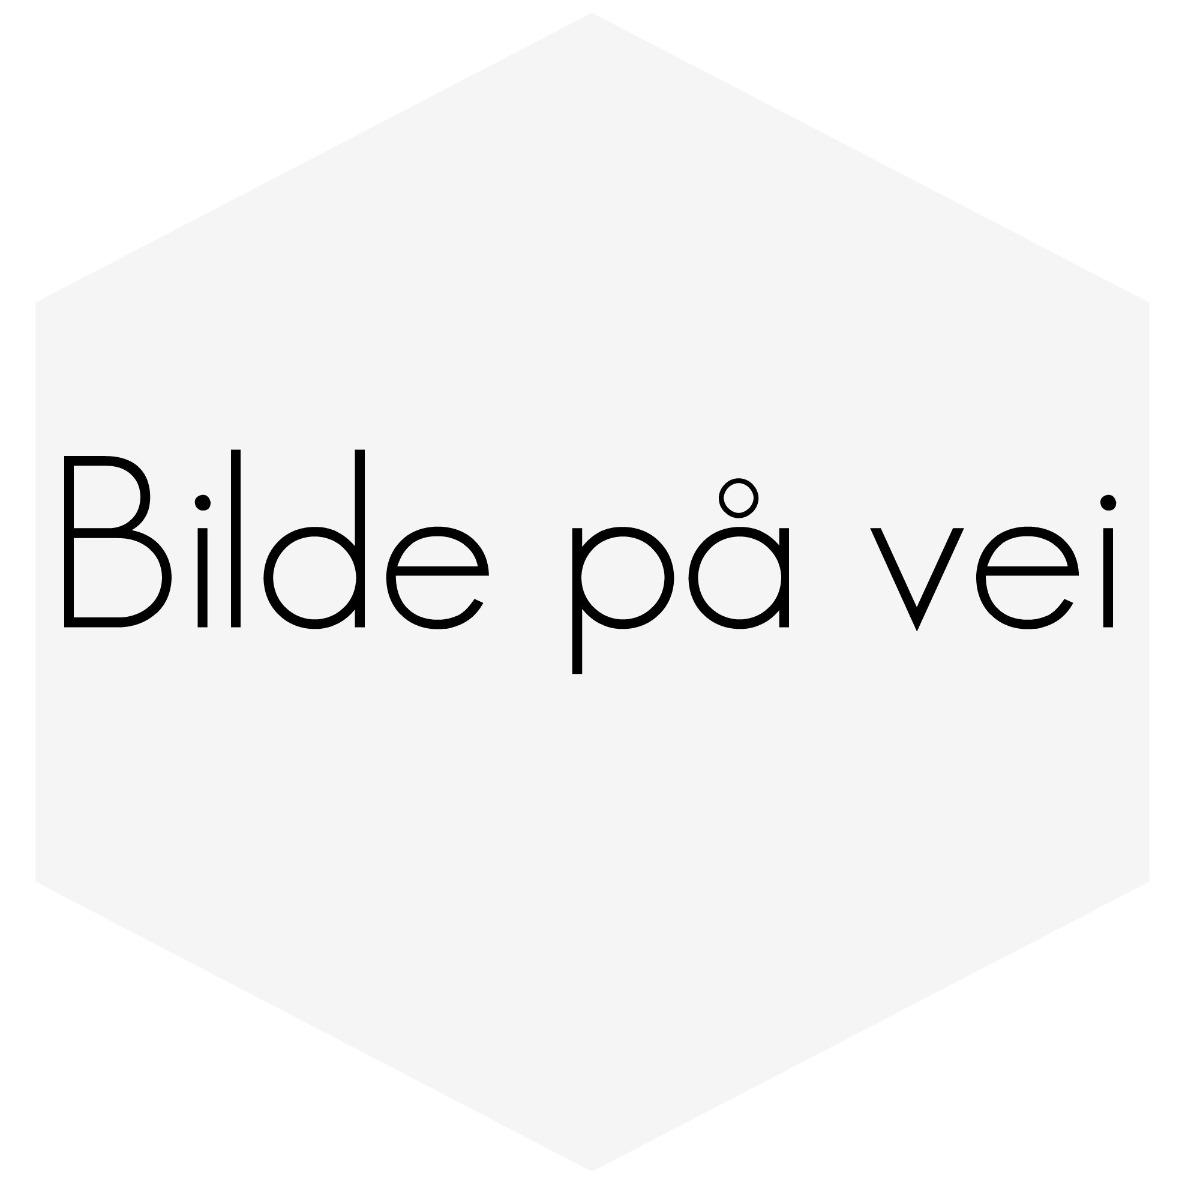 ØYELOKK /SPOILERE 740-84-89/760-82-87  I FIN ABS PLAST  SETT